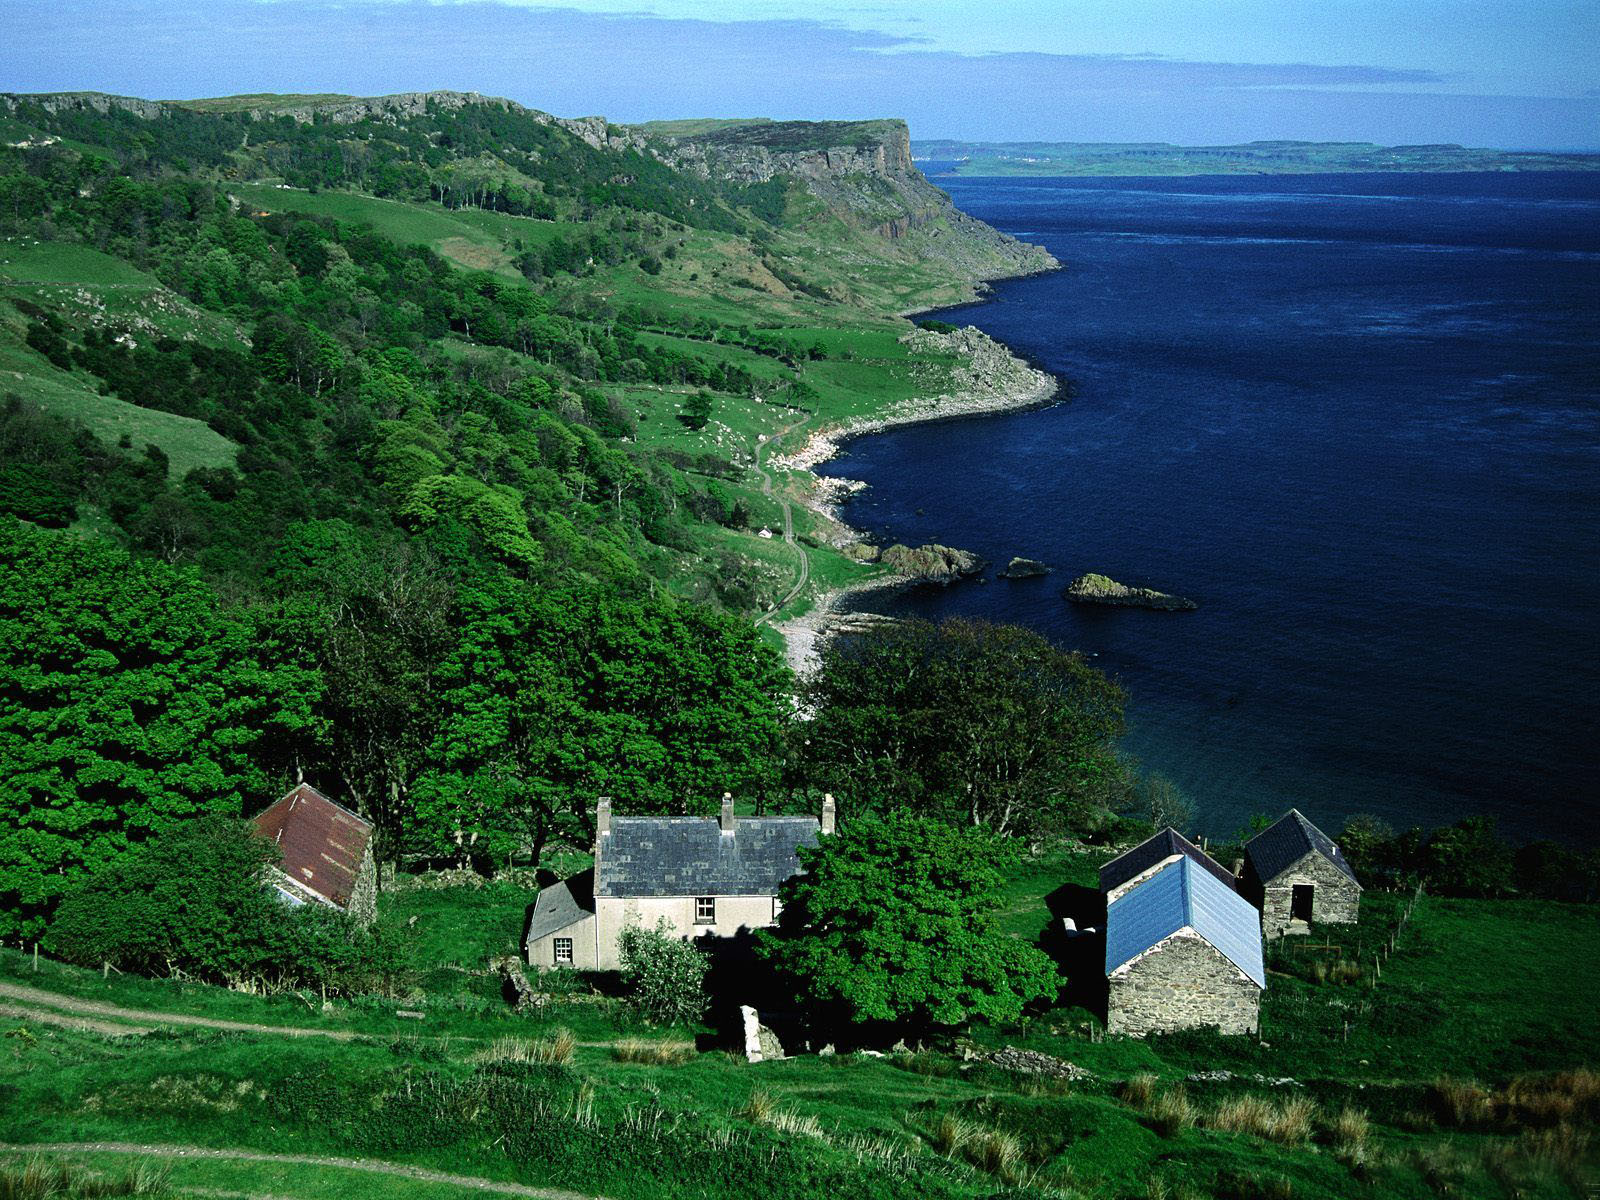 爱尔兰风景壁纸,内附经典风笛曲,观赏异域风情